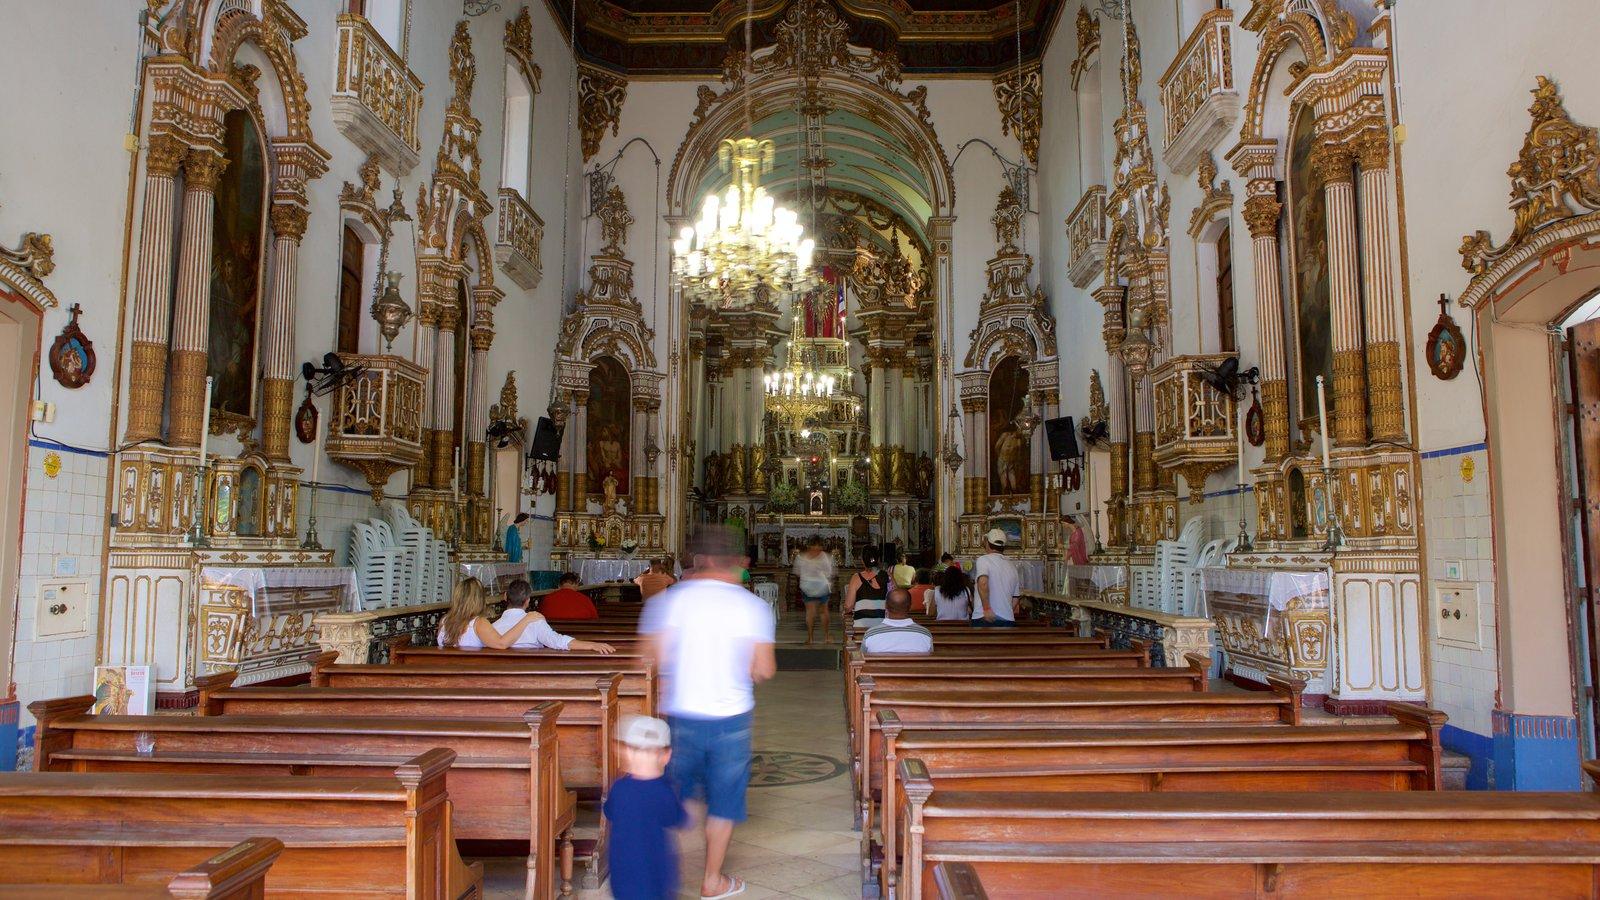 Igreja do Nosso Senhor do Bonfim caracterizando uma igreja ou catedral, elementos religiosos e vistas internas